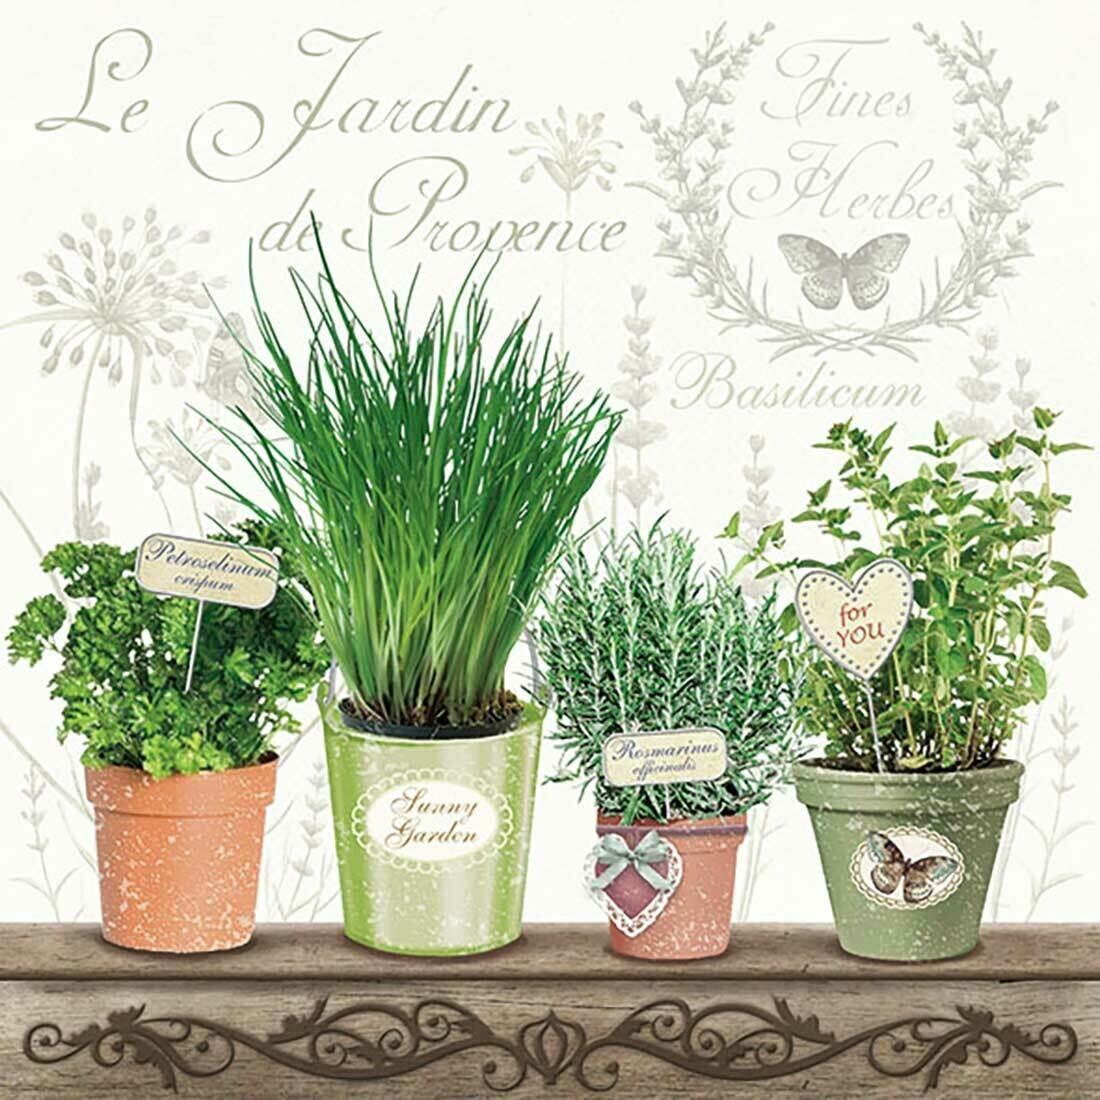 Decoupage Paper Napkins - Le-Jardin-De-Provence 13x13 (1 Sheet)